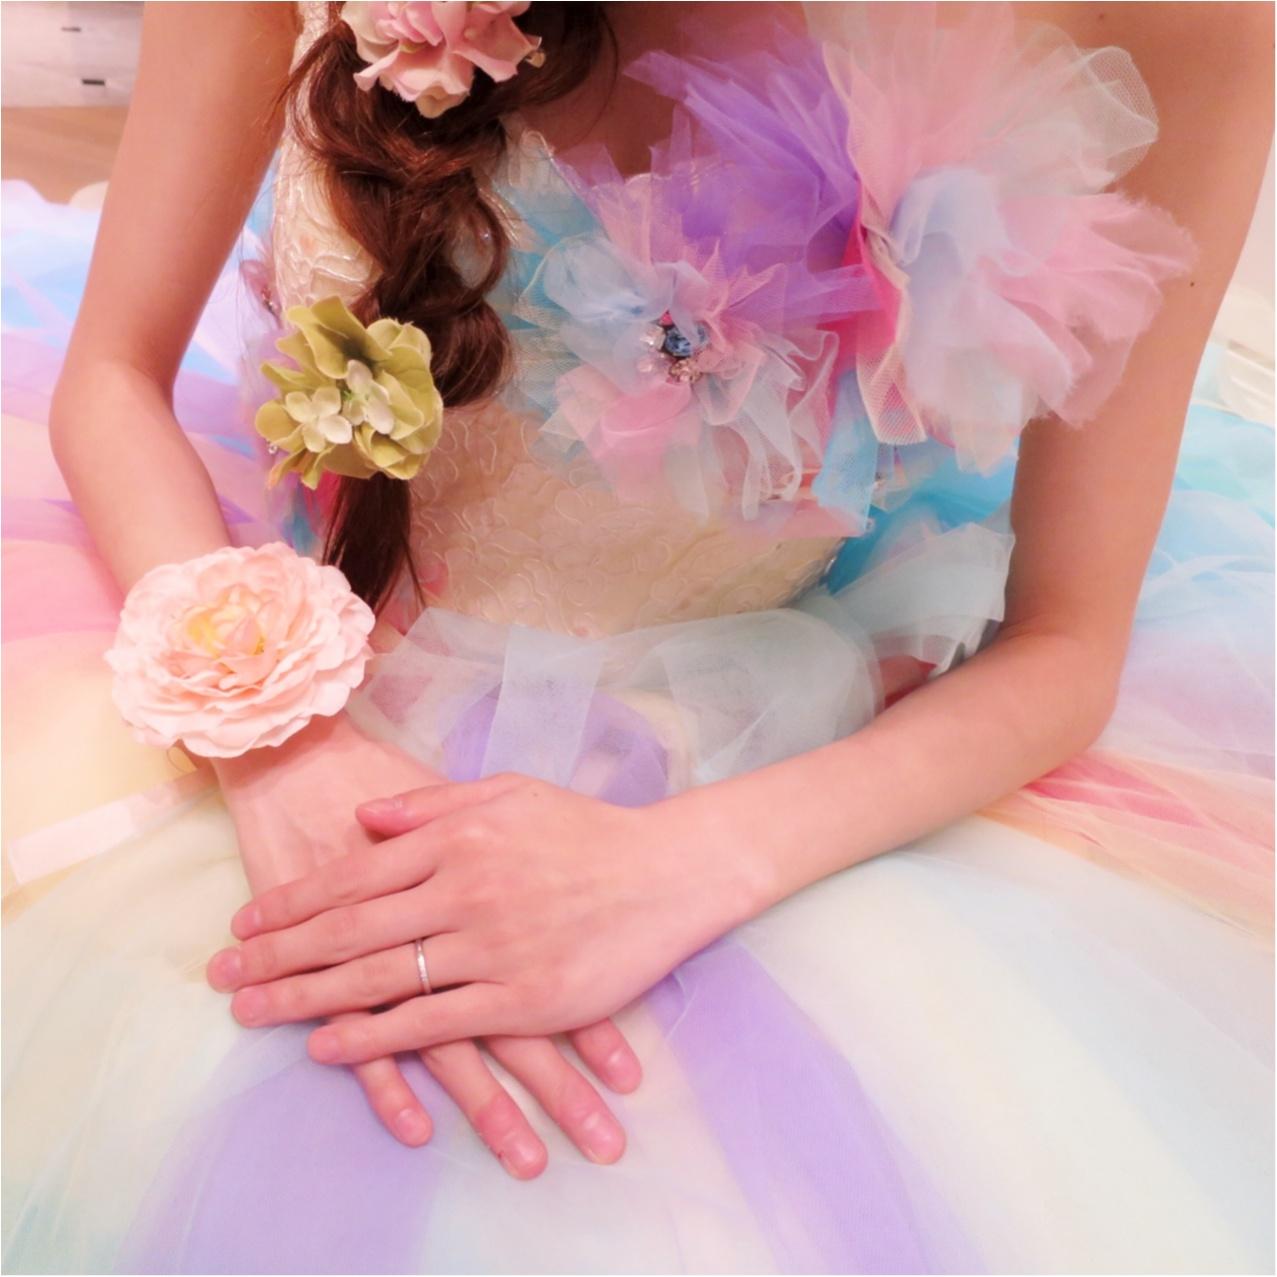 【Wedding】ウェディングドレス《 THE HANY(ザハニー) 》で人気No.1のレインボードレスがかわいすぎる♡_3